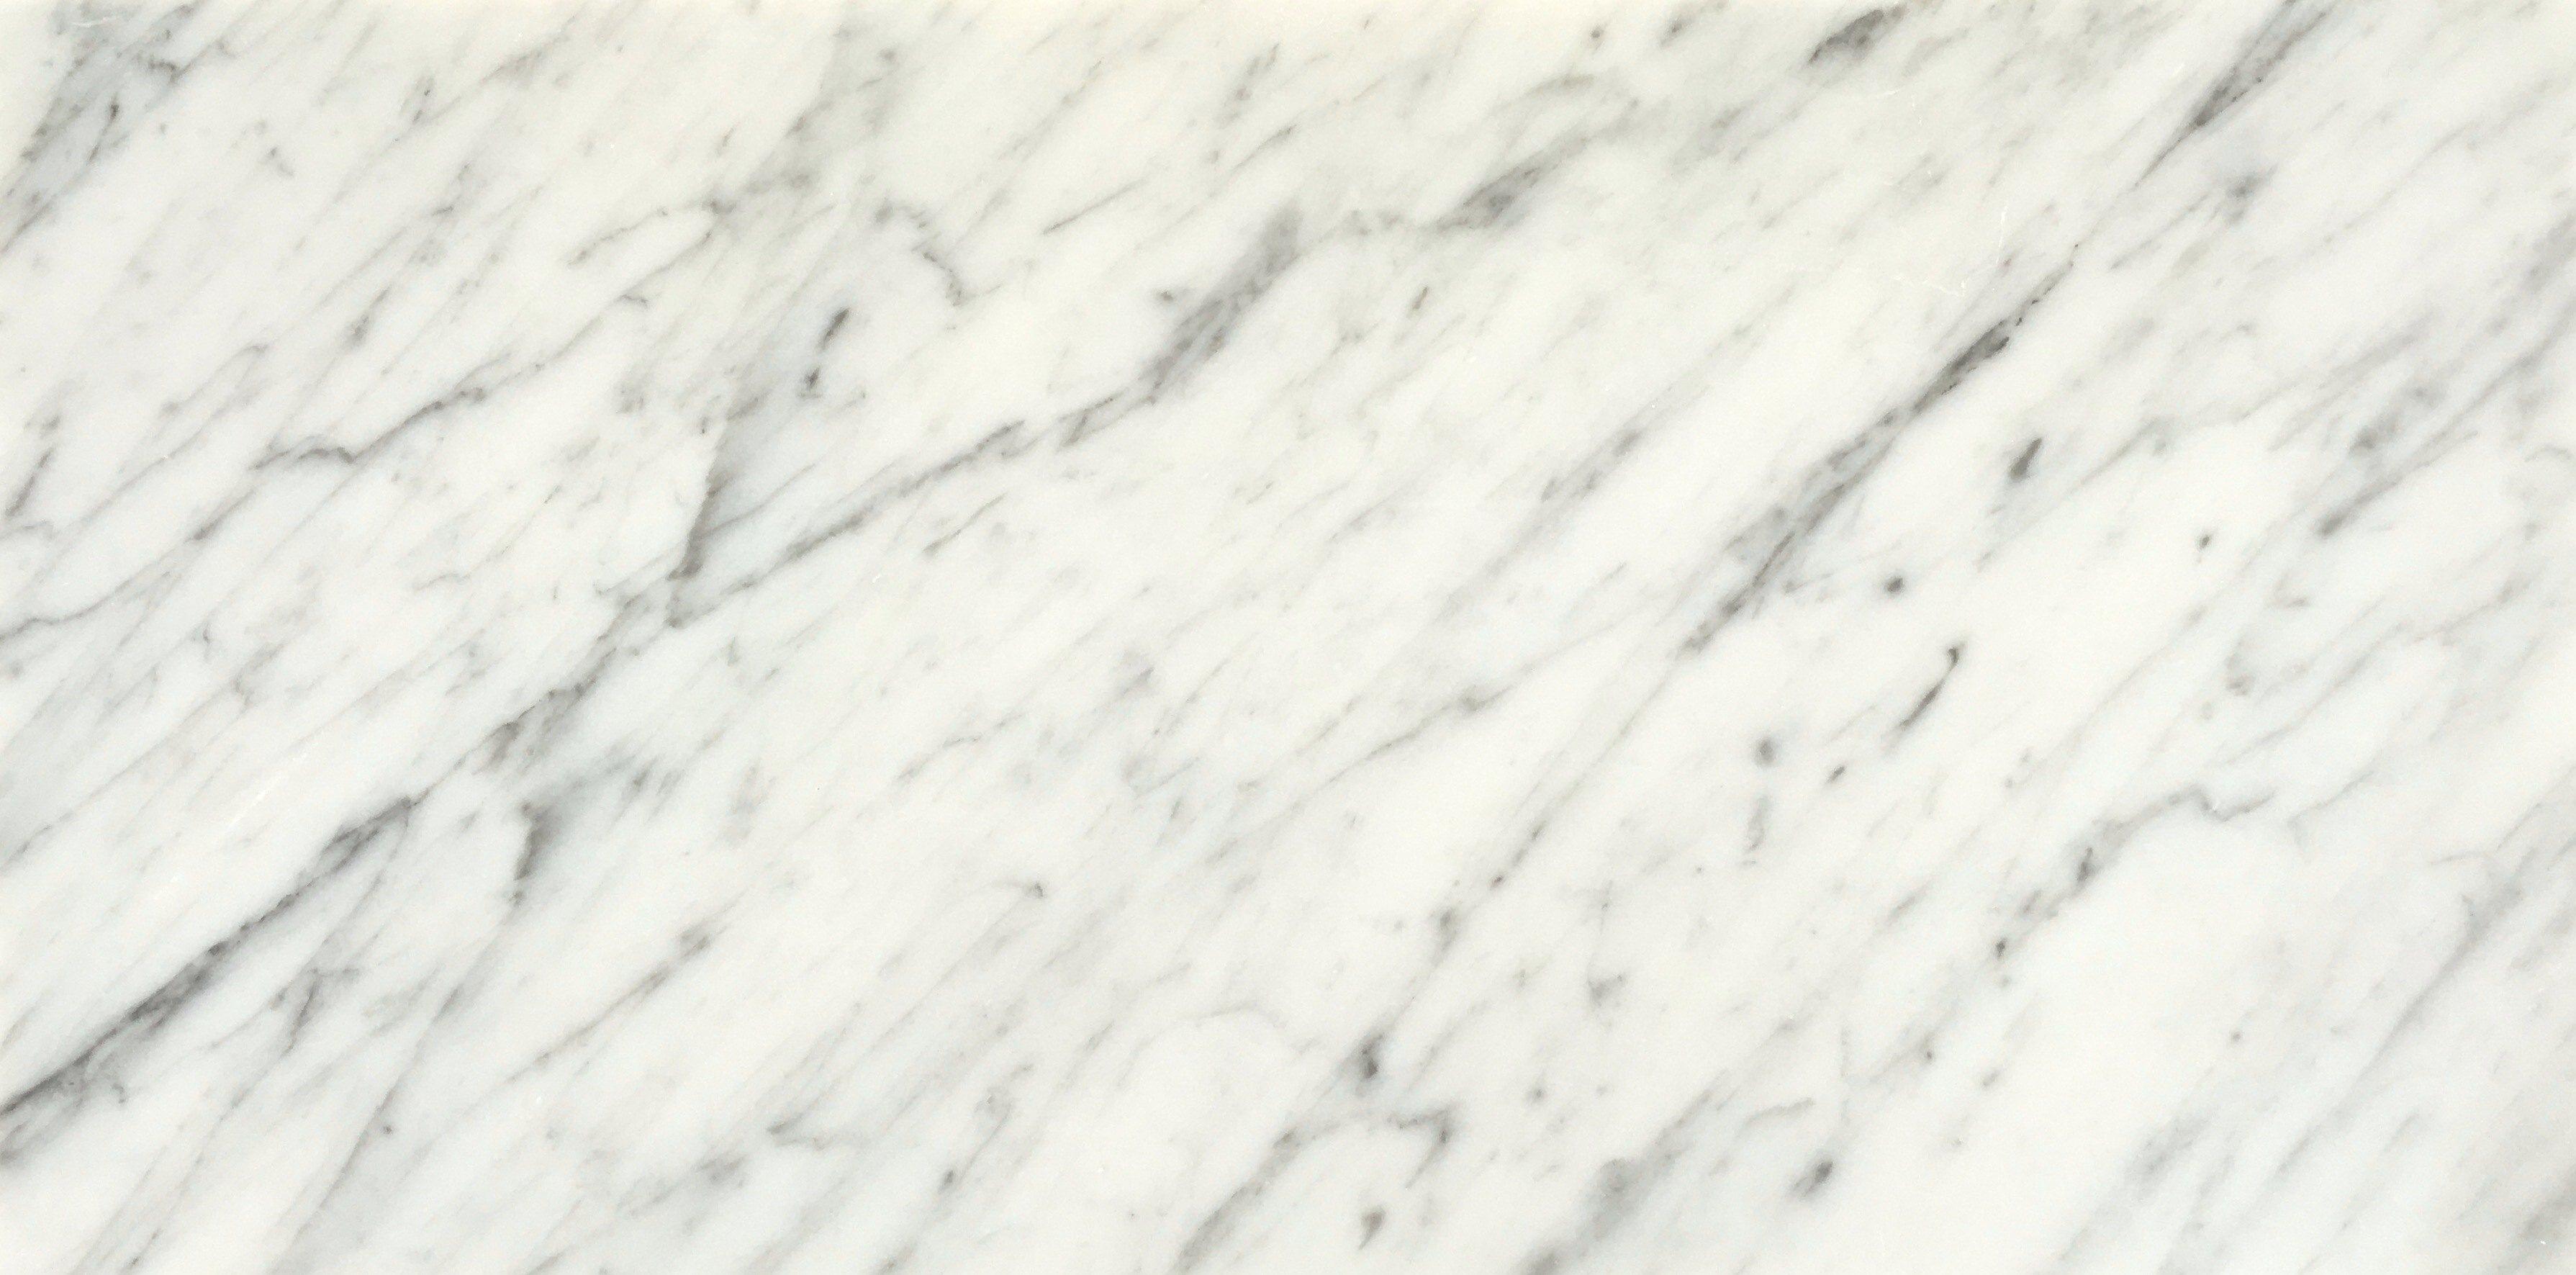 020 bianco carrara cd venatino salvini marmi for Marmo di carrara prezzo